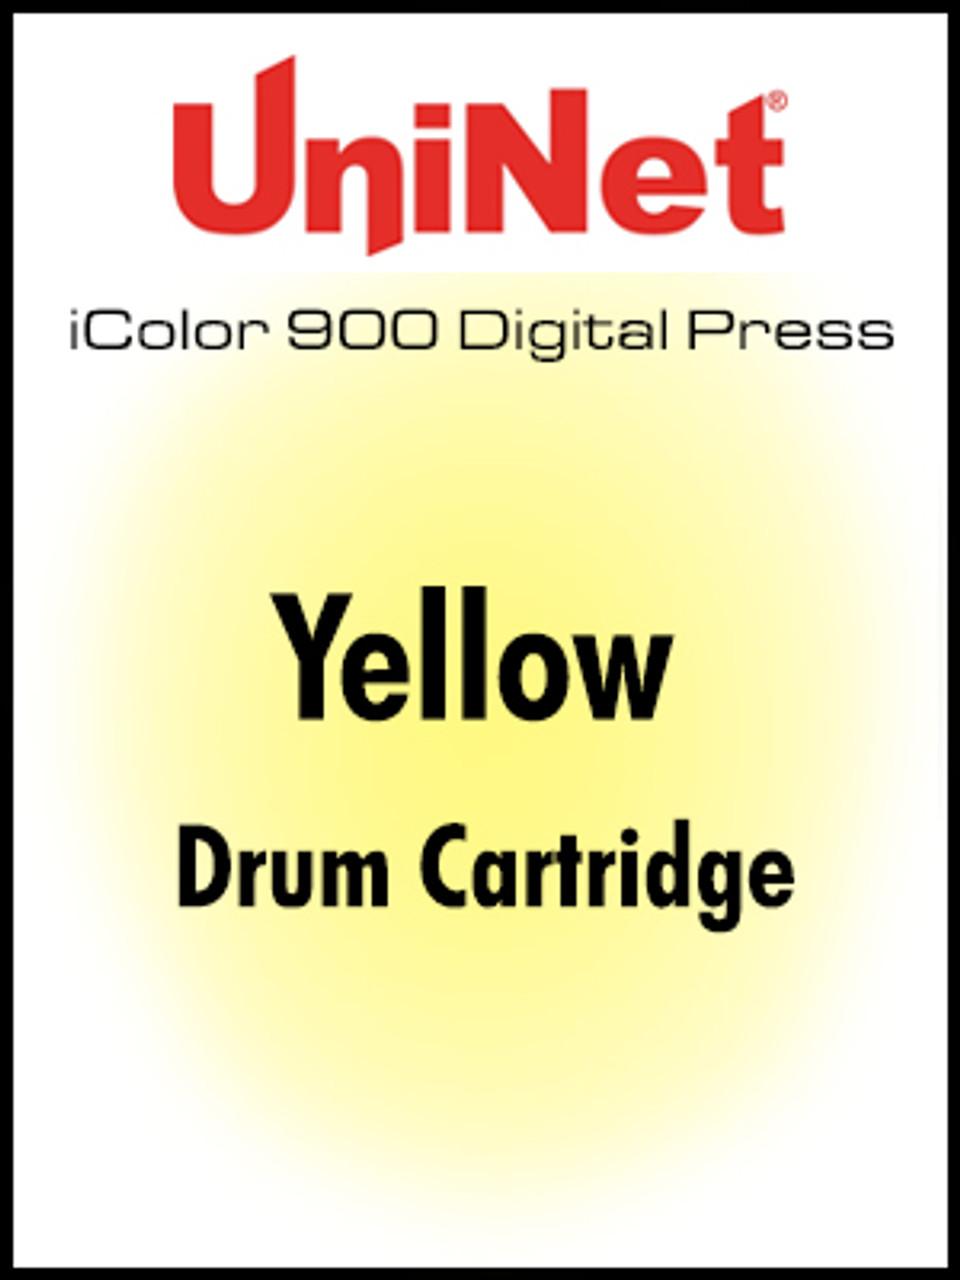 iColor 900 Digital Press Yellow drum cartridge